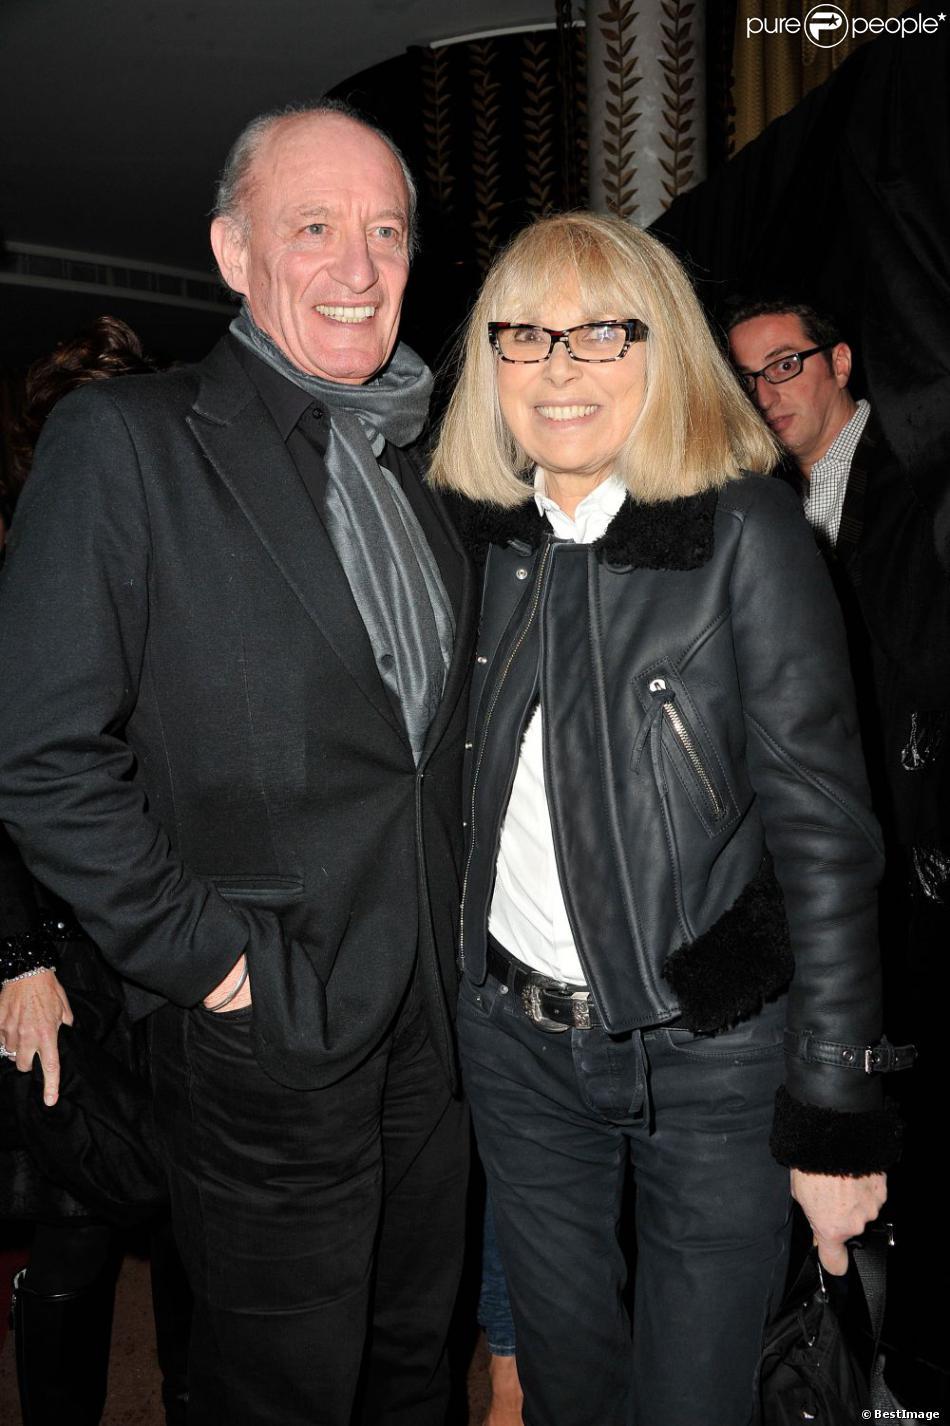 Mireille Darc et son mari, Pascal Desprez à l'inauguration du restaurant La Petite Maison de Nicole à l'Hôtel Fouquet's Barrière à Paris, le 21 janvier 2013.